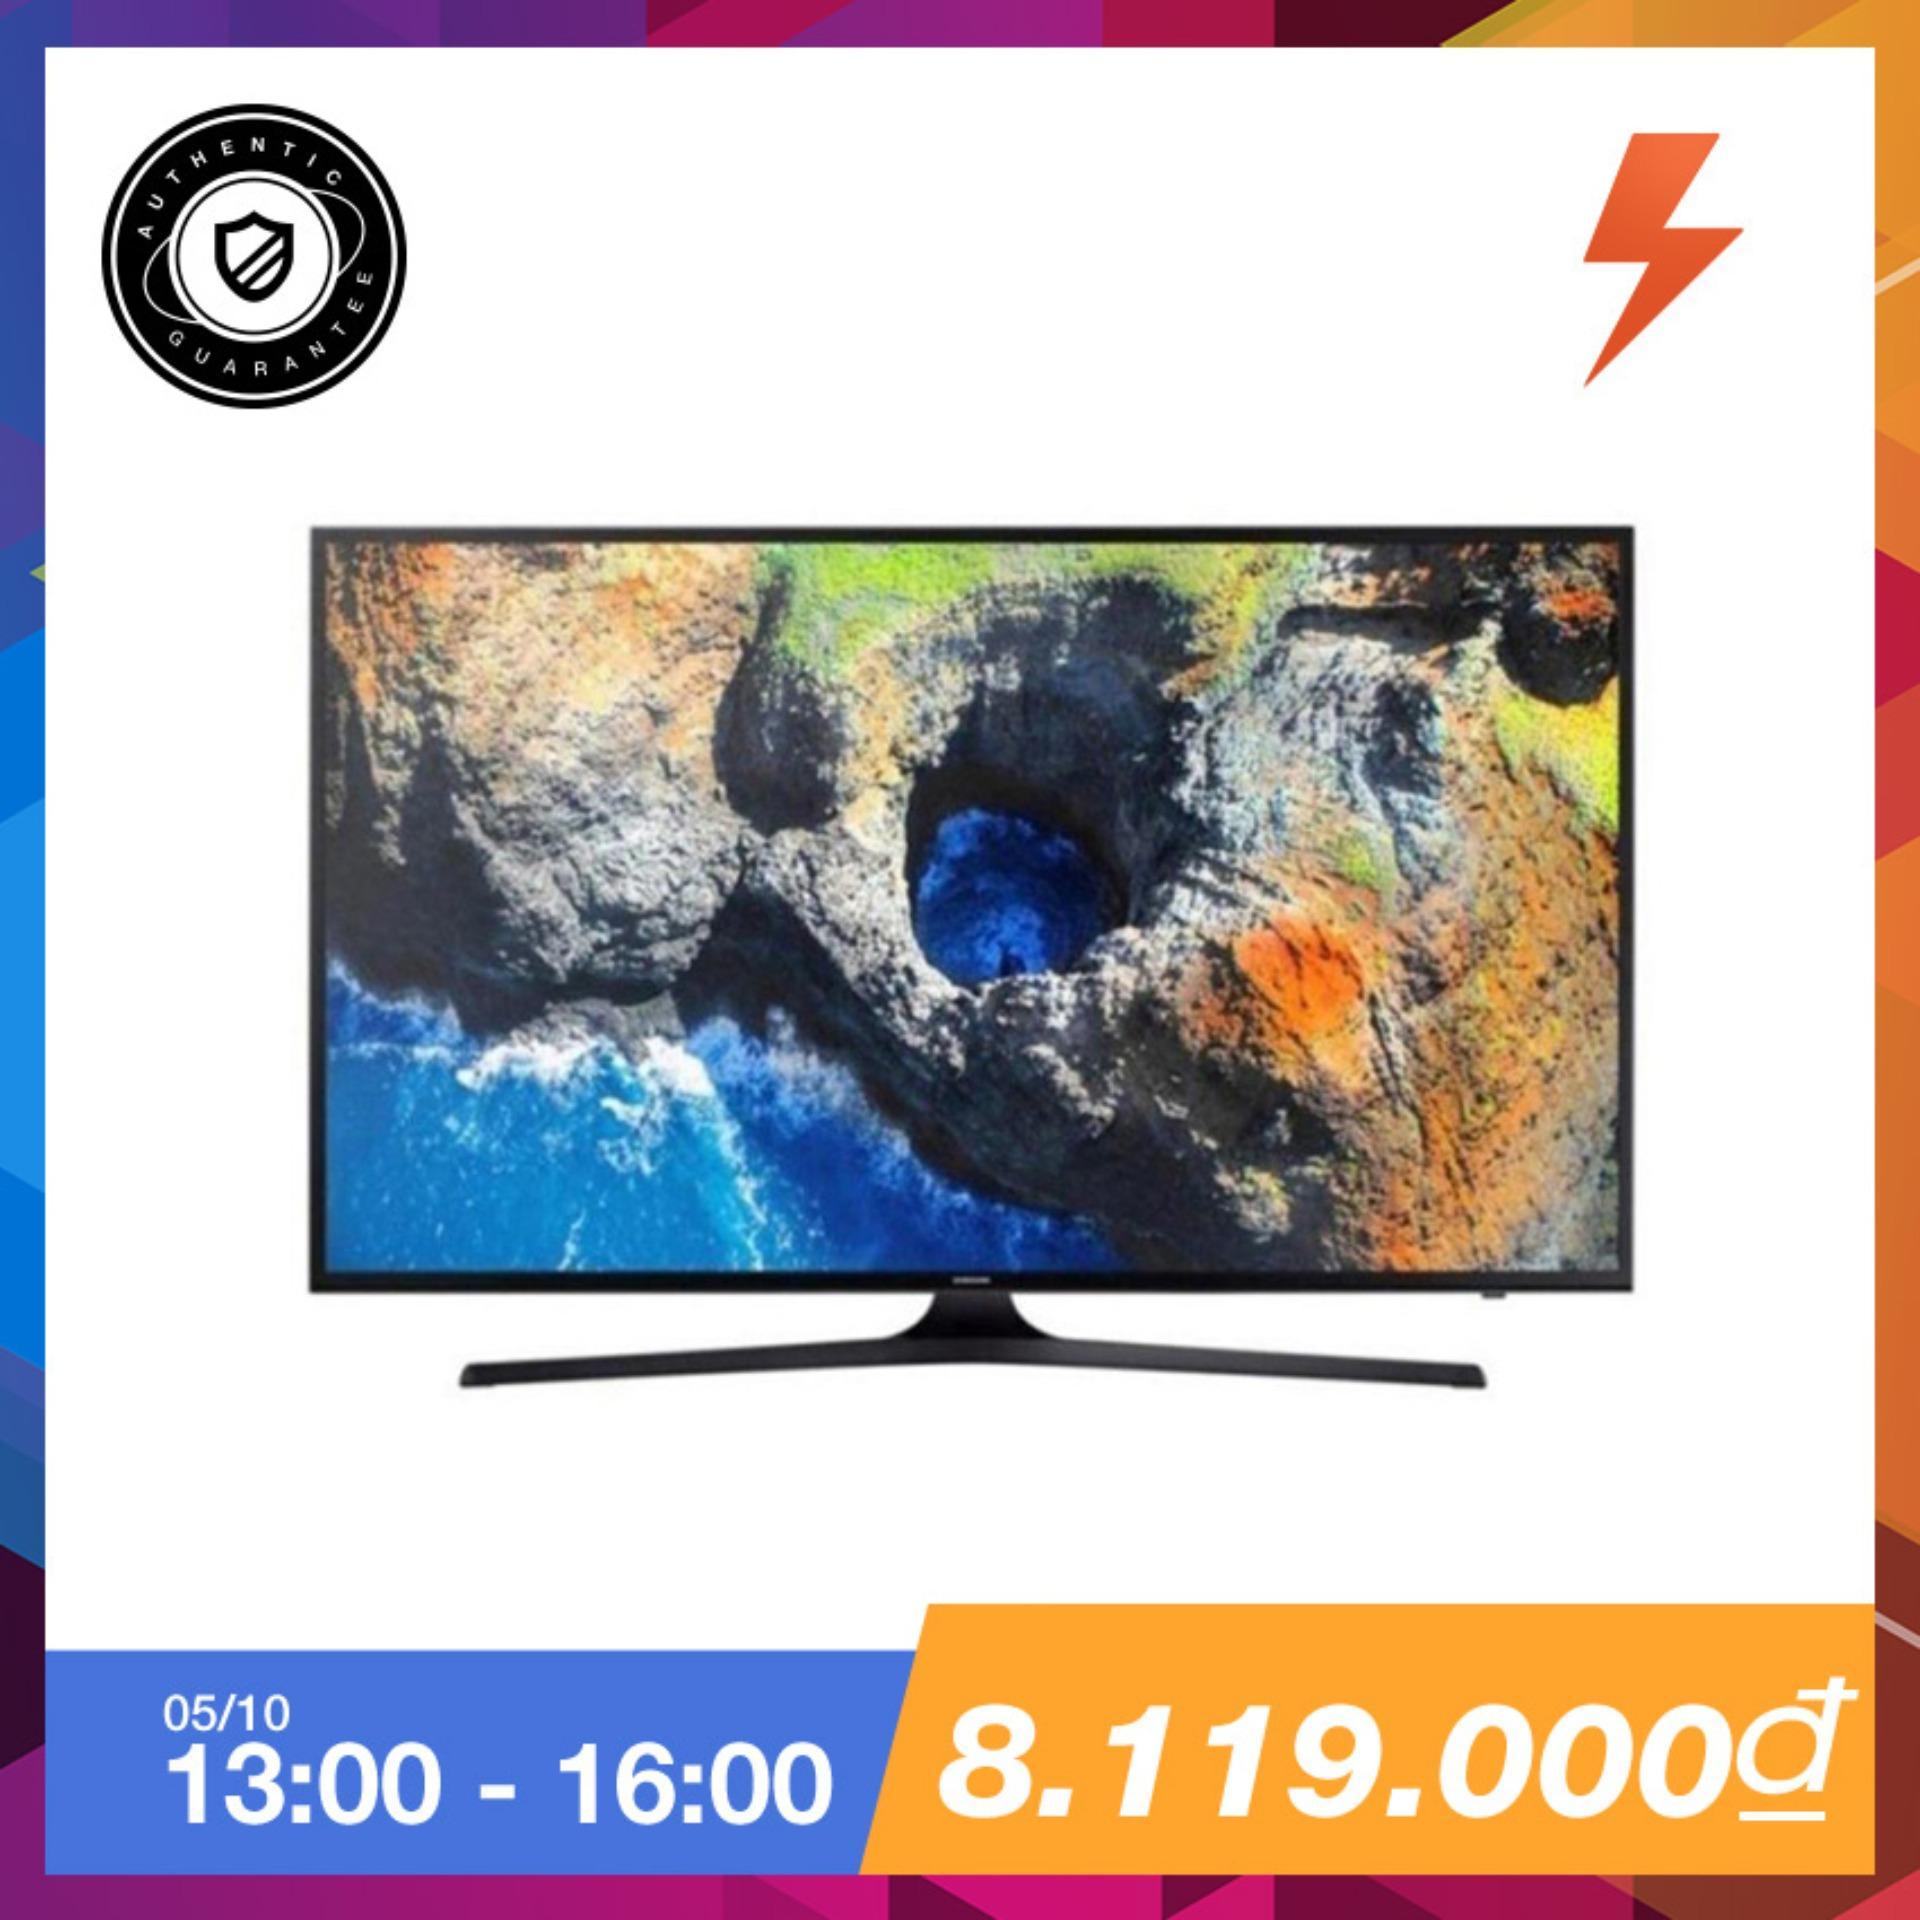 Bán Smart Tv Samsung 40Inch 4K Uhd Model 40Mu6153 Đen Hang Phan Phối Chinh Thức Có Thương Hiệu Rẻ